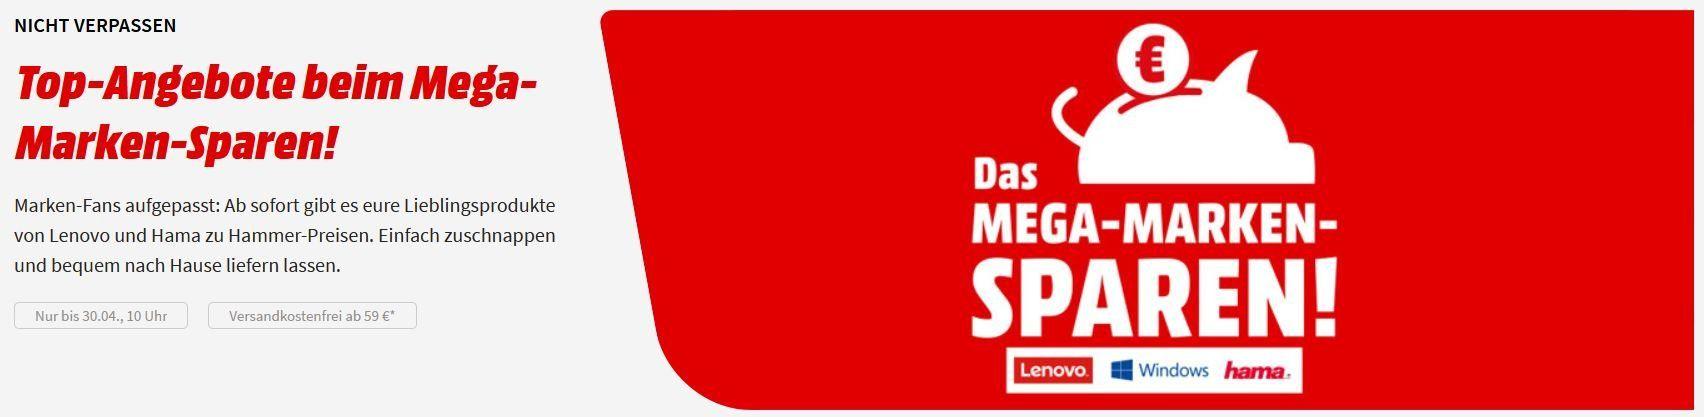 Media Markt Mega Marken Sparen: günstiges von Hama & Lenovo z.B. HAMA QI Ladegerät für 16€